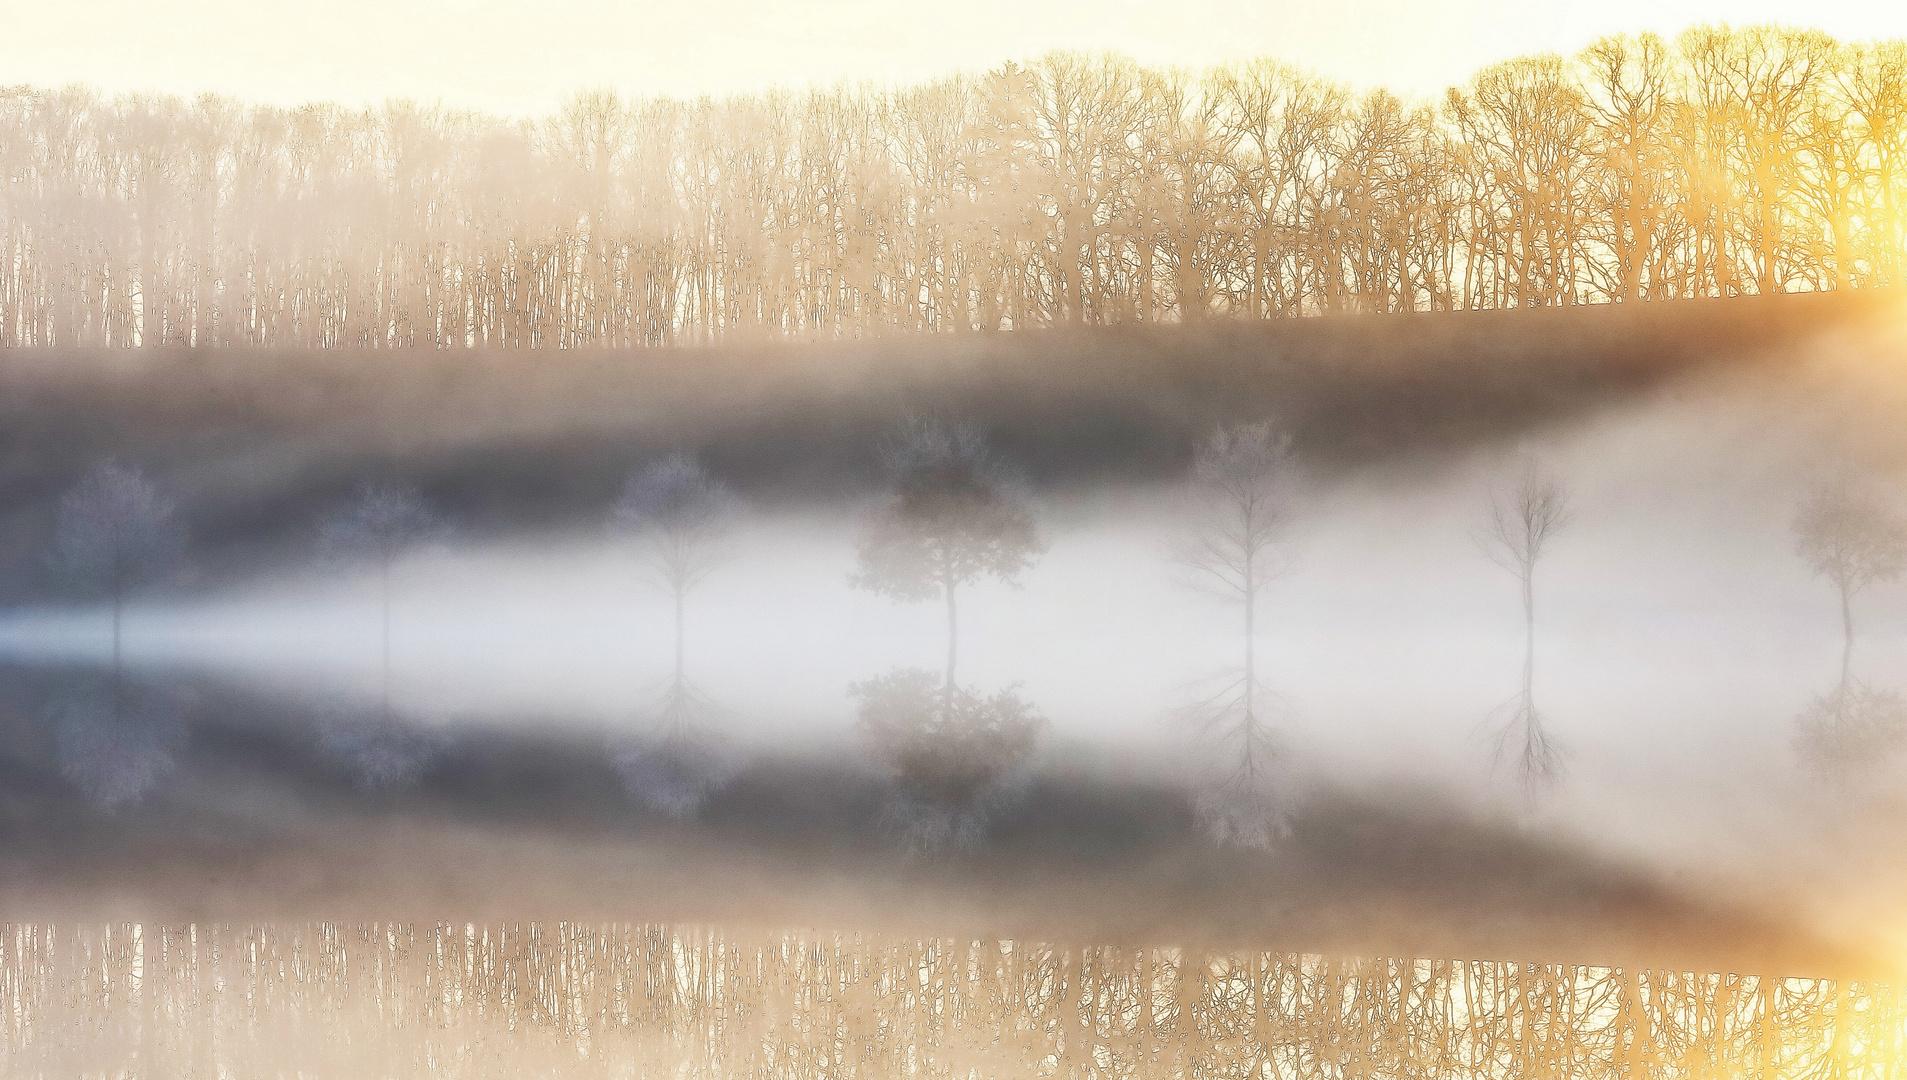 Vom Nebel umschmeichelt